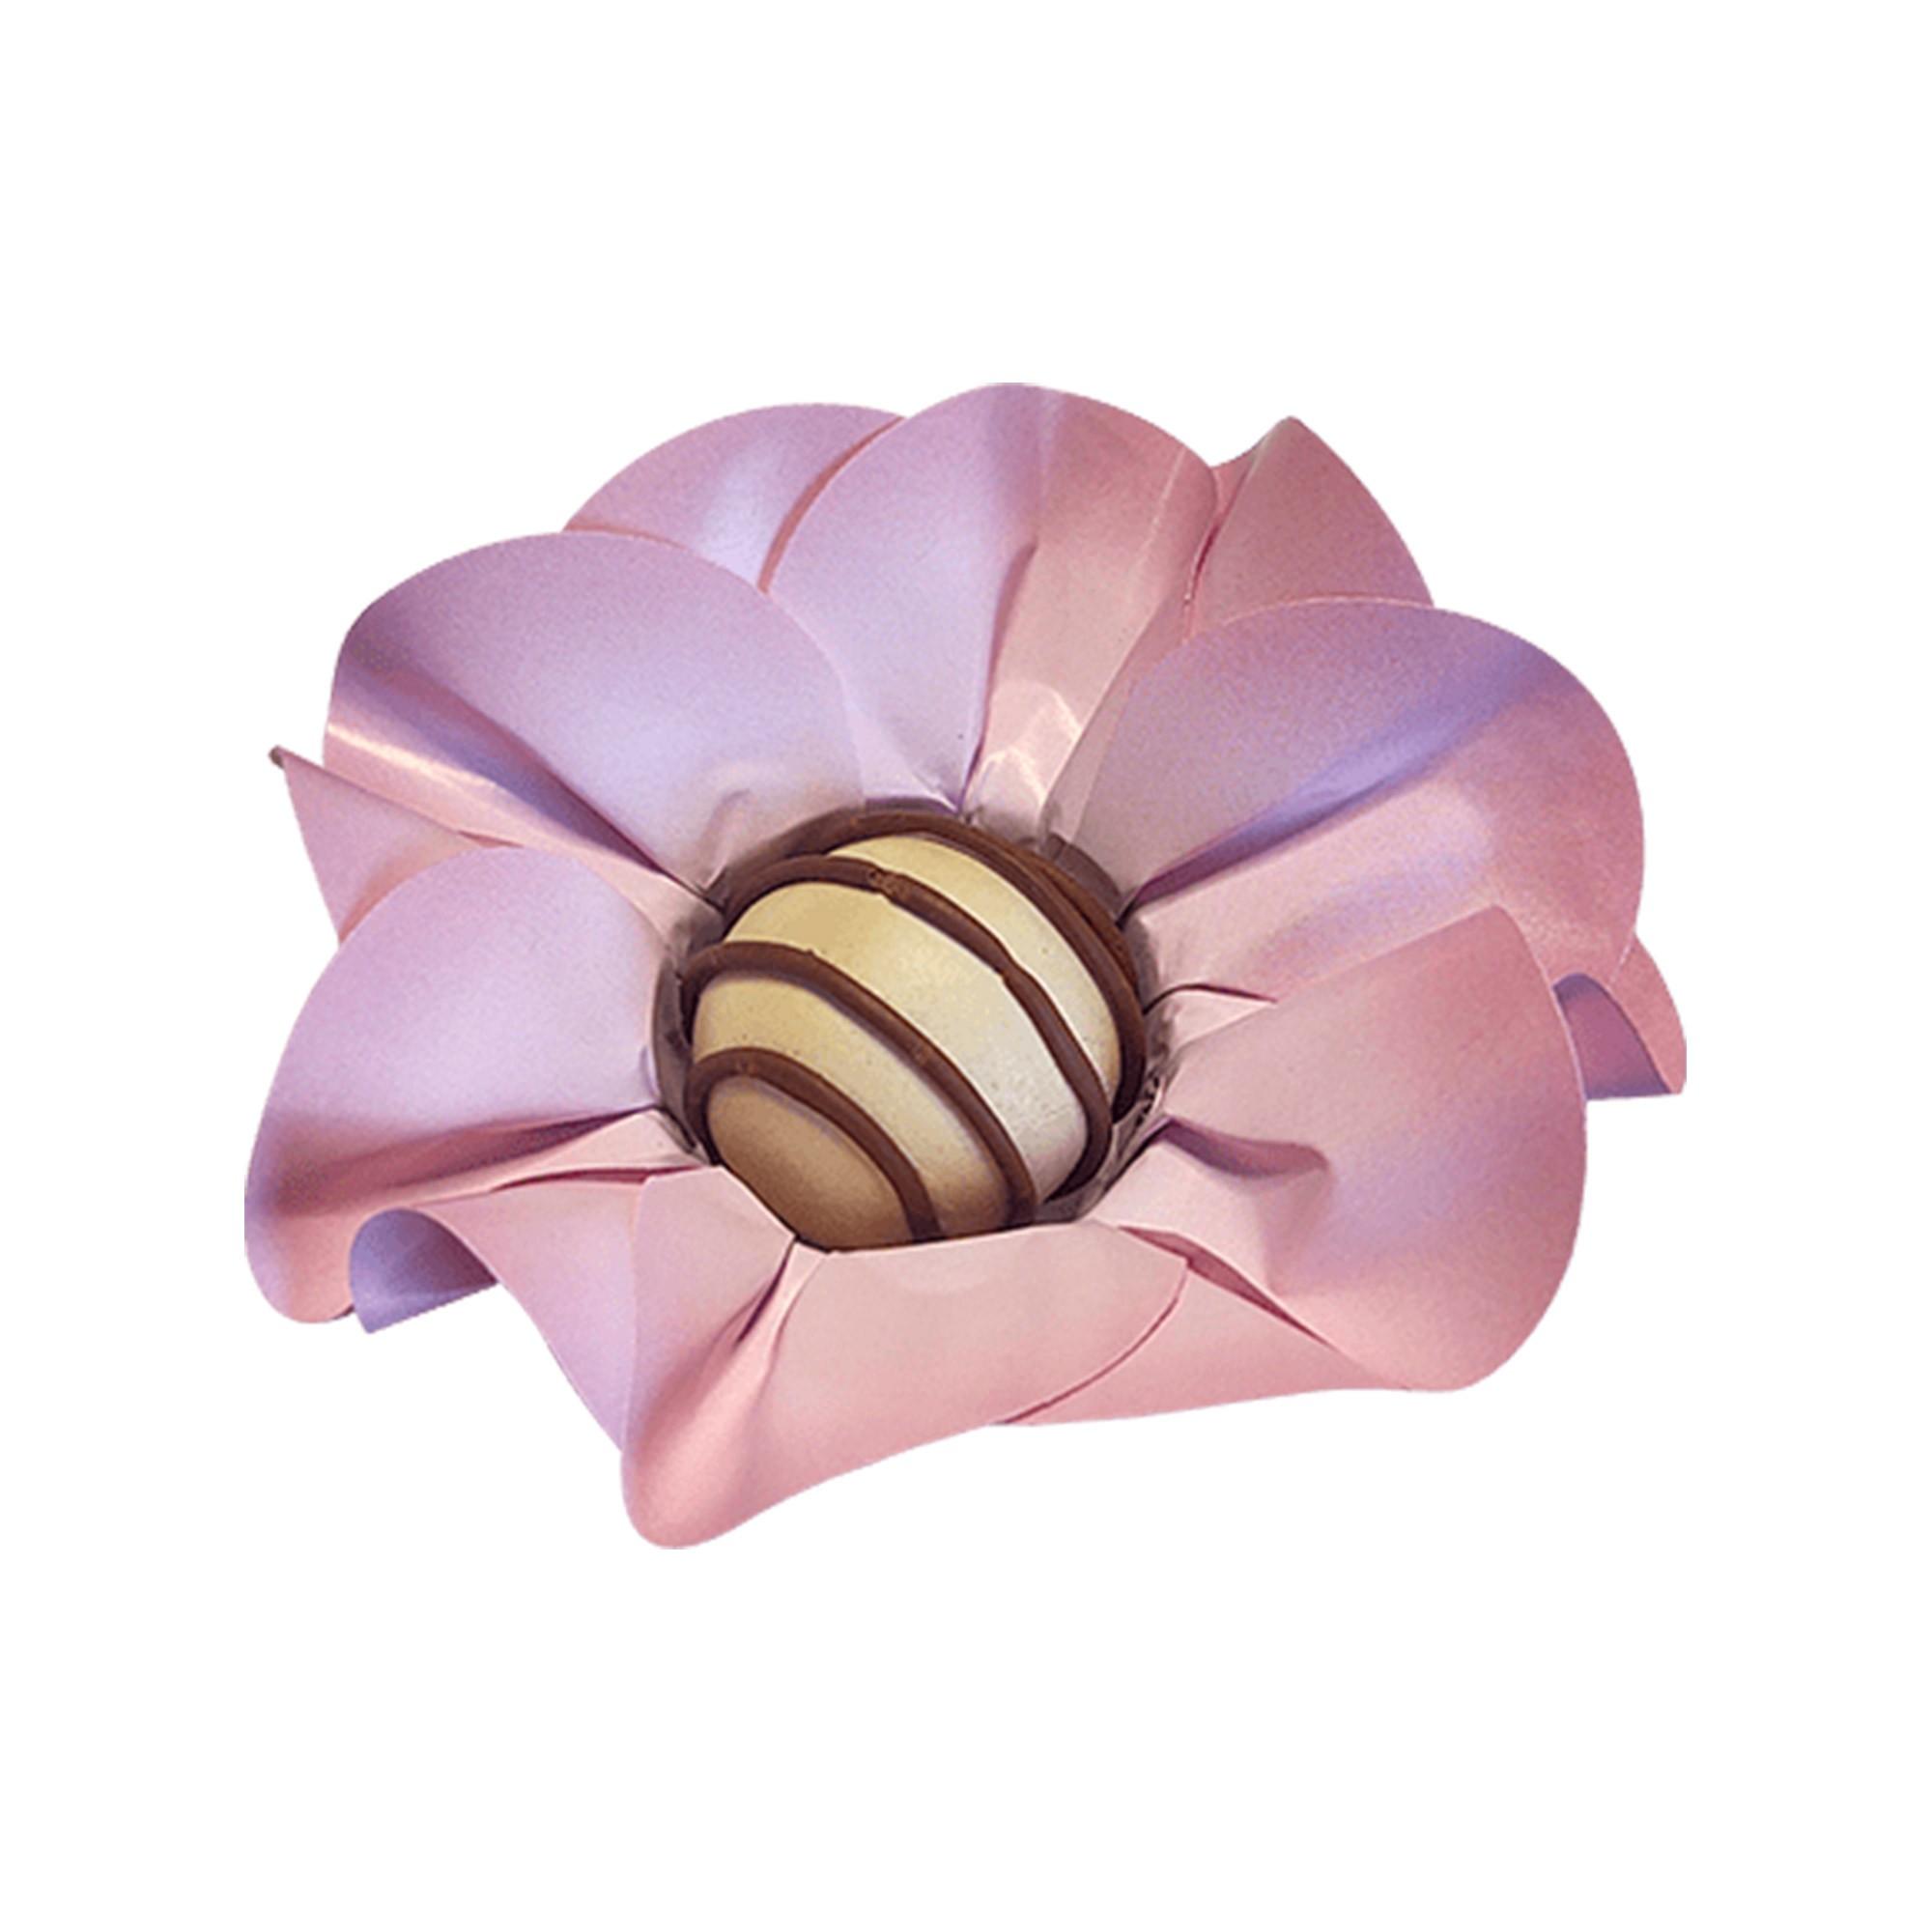 Forminha para Doces Margarida em Papel Especial Rosa Bebê Kit 40 Unidades